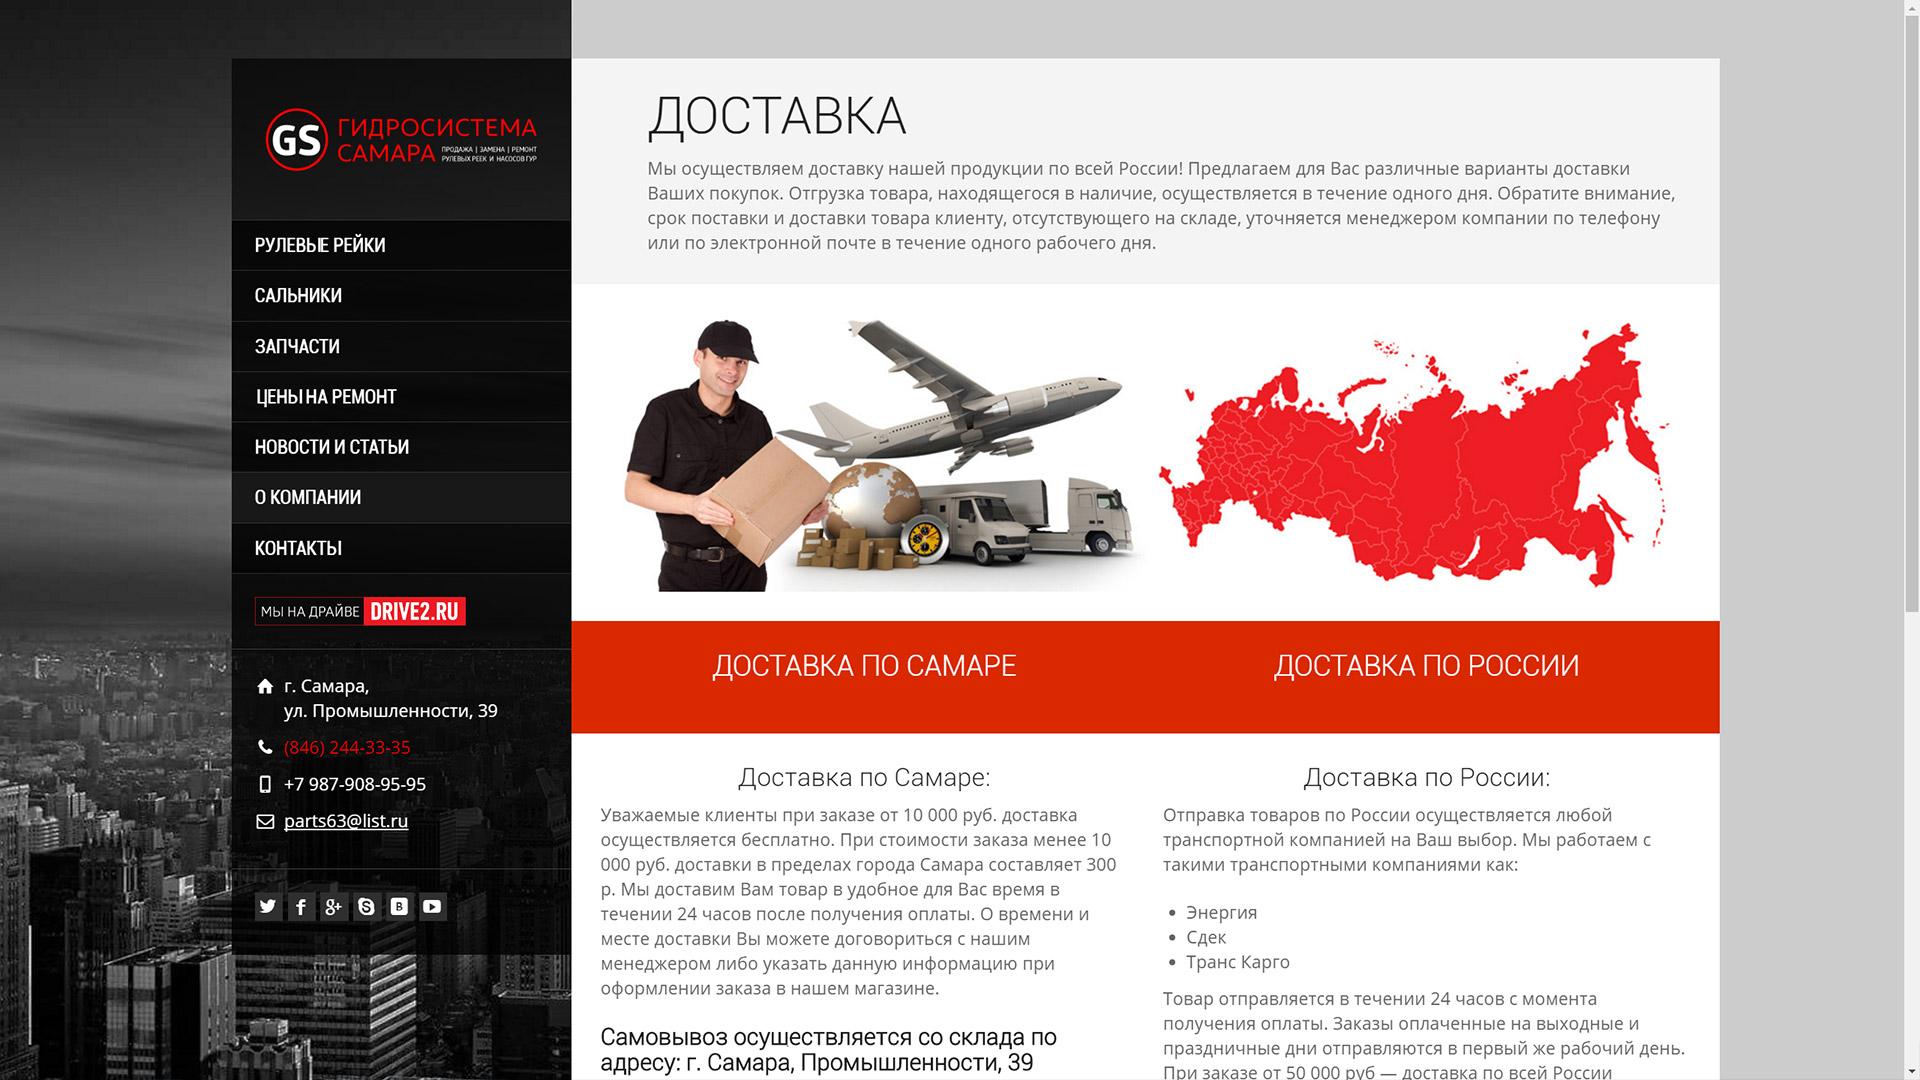 Как сделать управляемый сайт как сделать мини чат на сайт ucoz